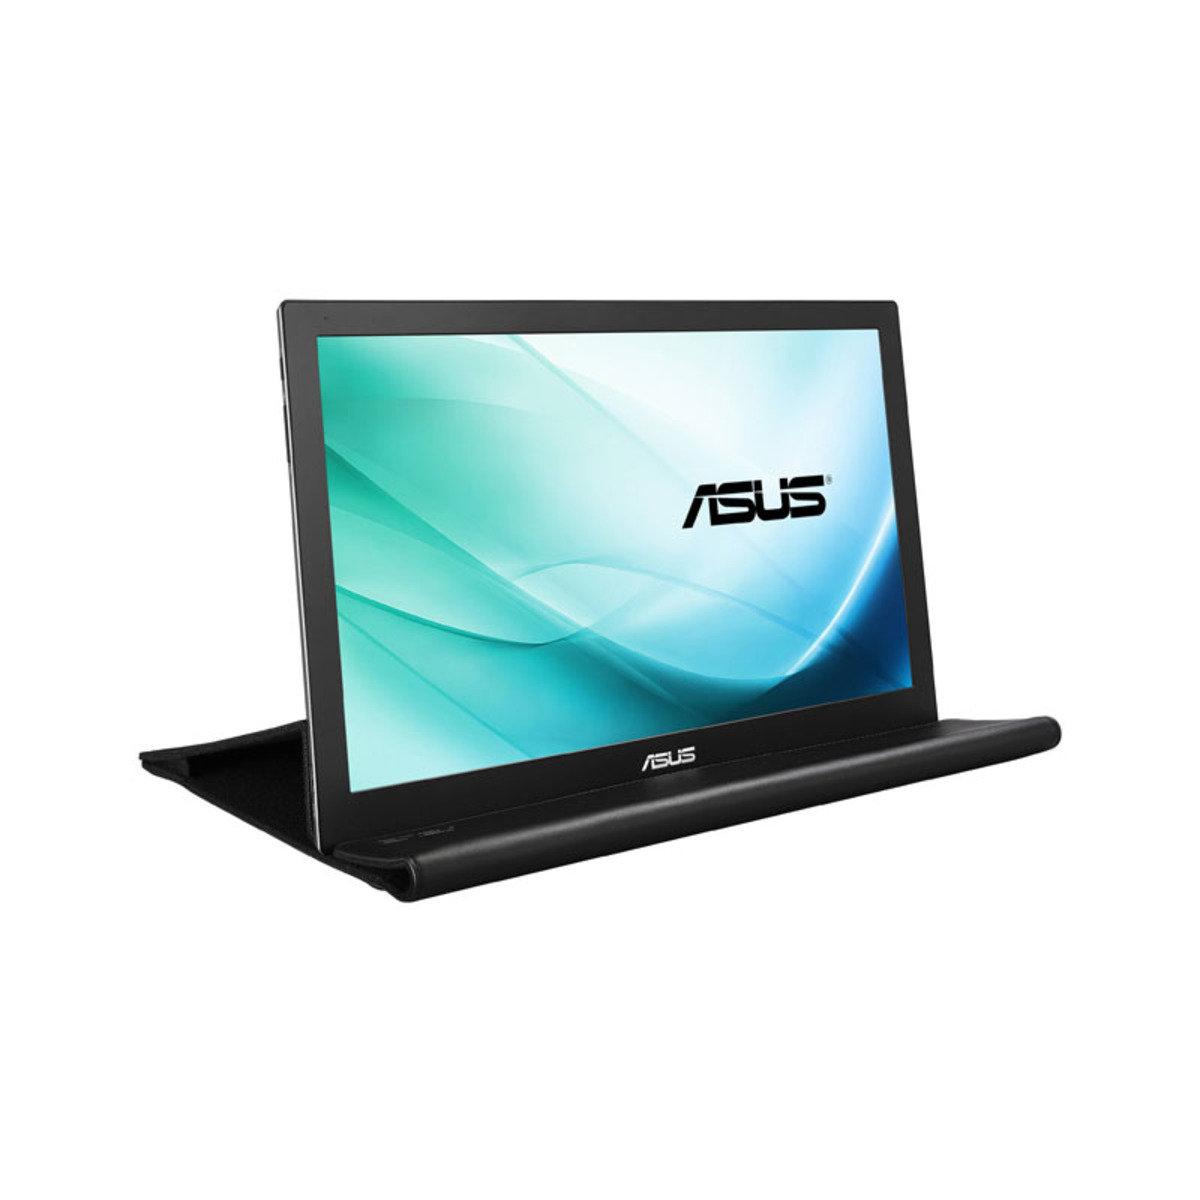 15.6吋 全高清 可攜式 USB3.0 供電螢幕 MB169B+